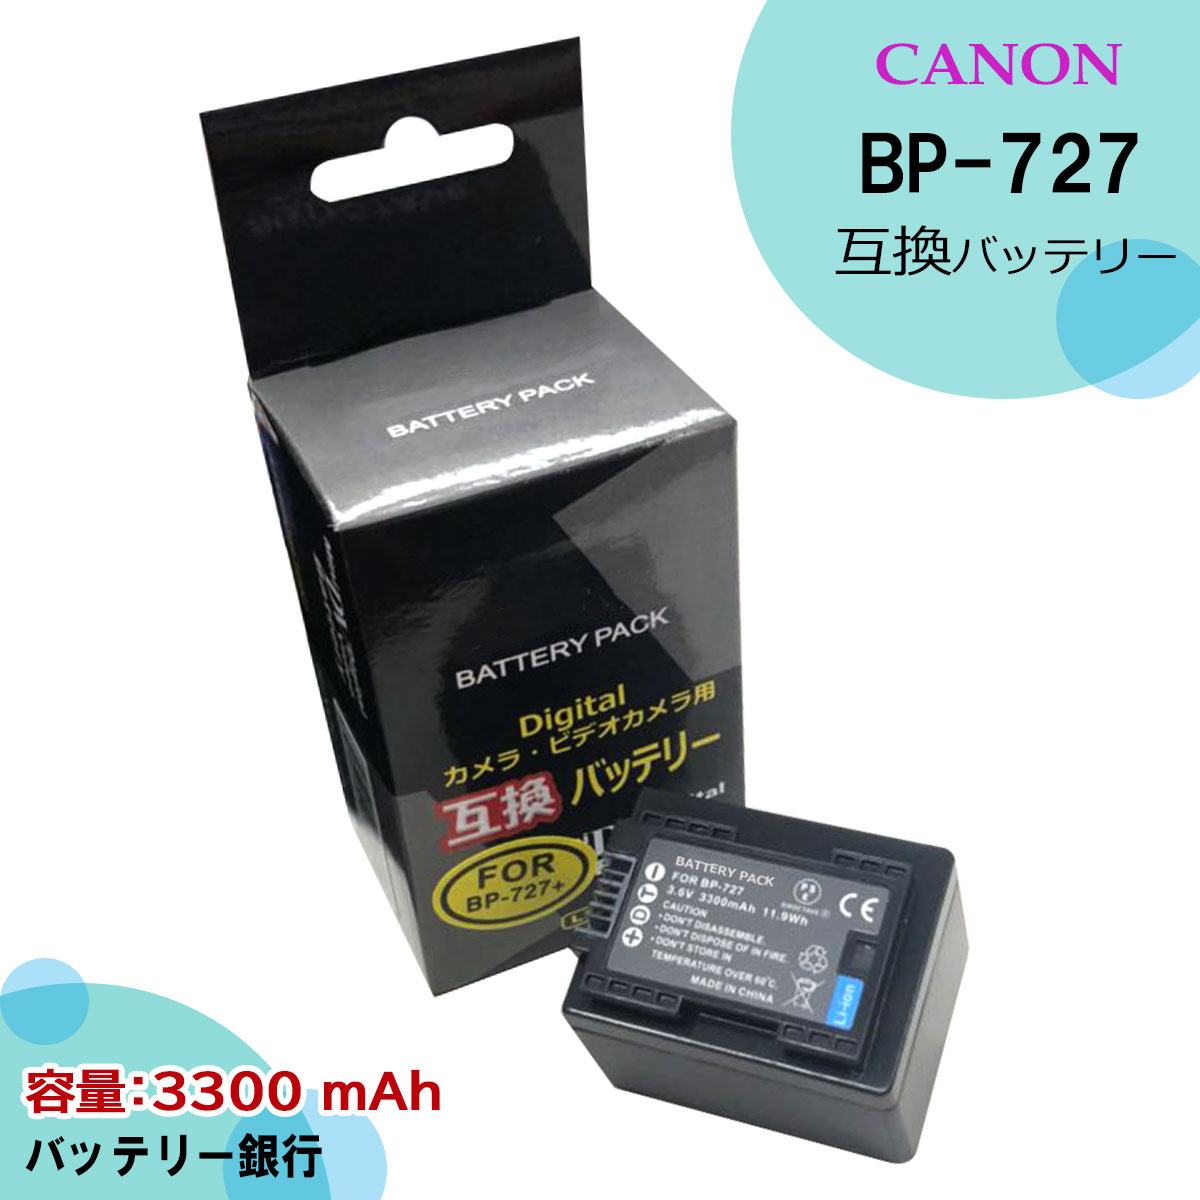 CANNON BP-727 互換バッテリー 1個 残量表示可能【6ヶ月保証】iVIS HF R42 / iVIS HF R52 / iVIS HF R62 / iVIS HF R72 / iVIS HF R